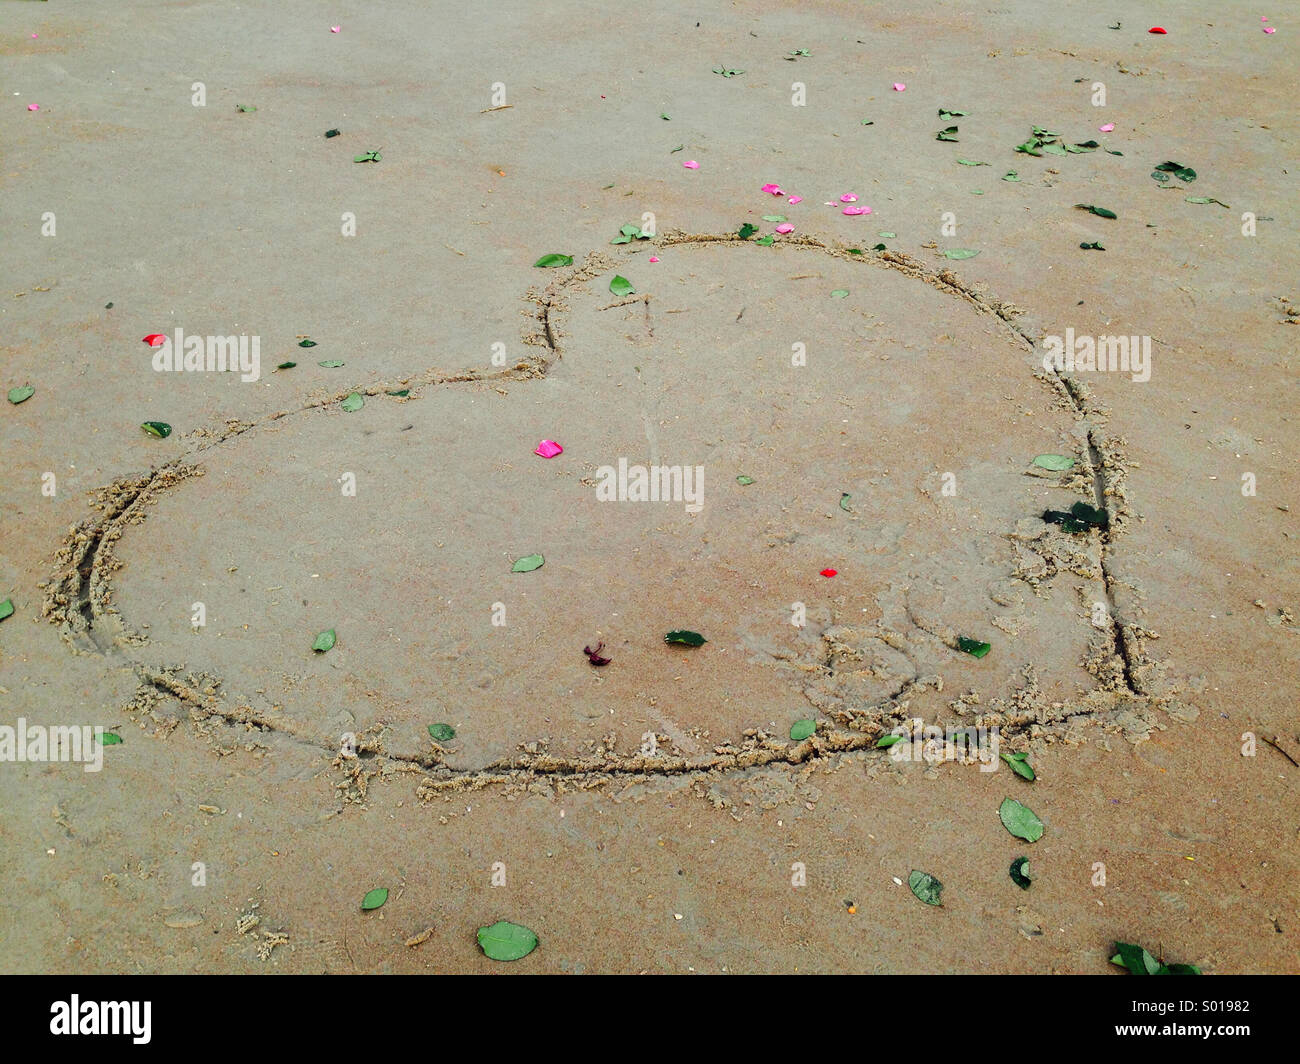 Coeur dessiné sur une plage. Photo Stock